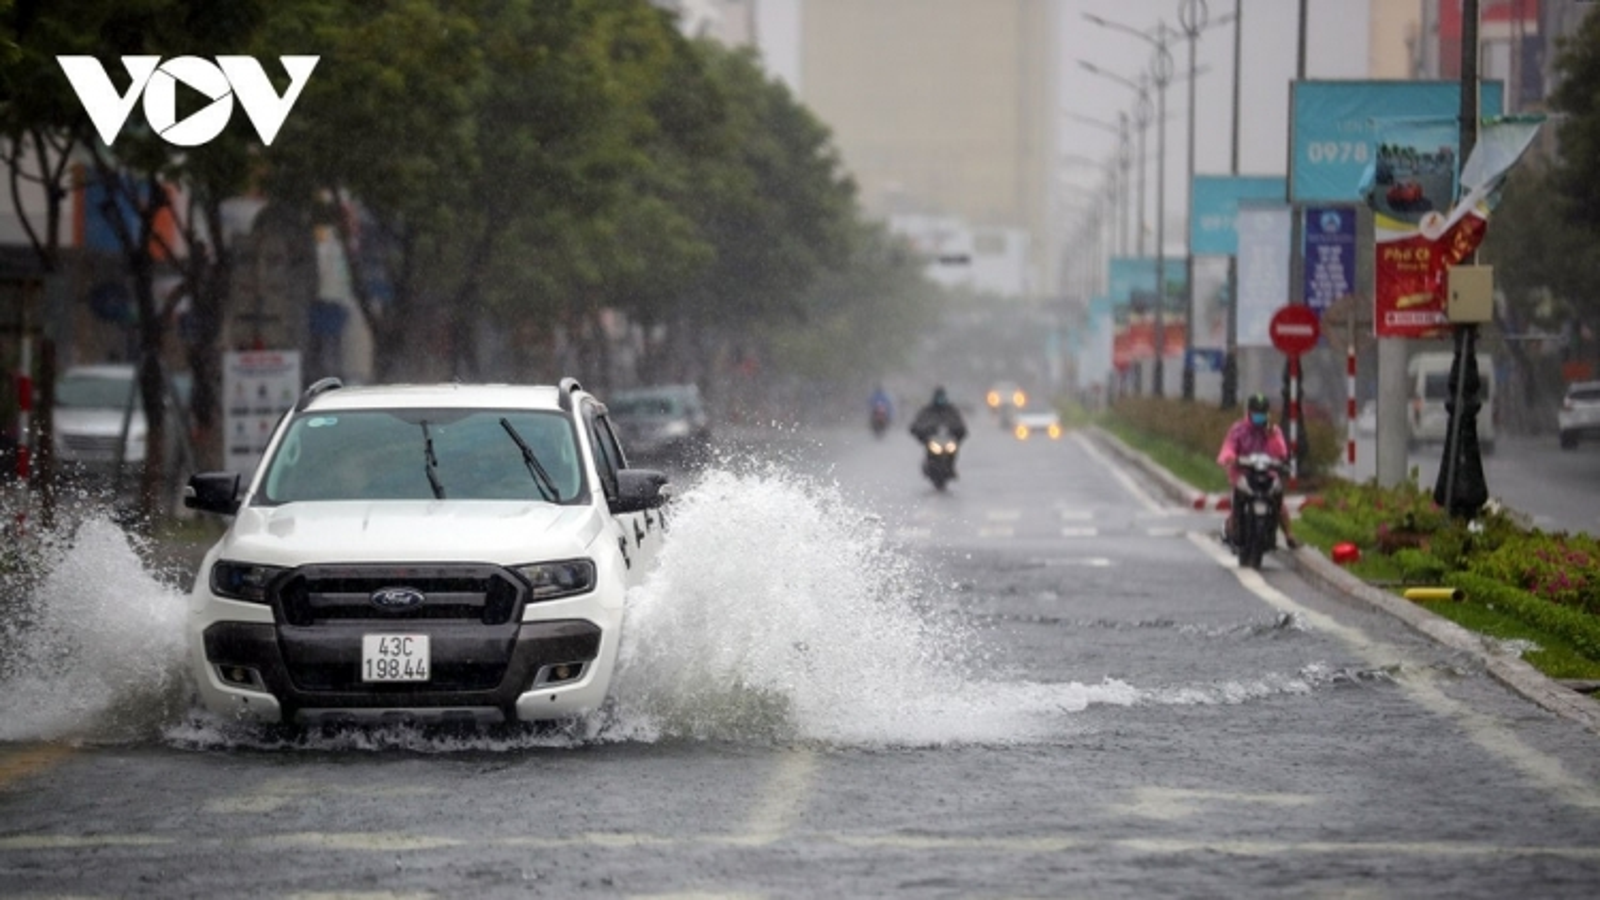 Thời tiết ngày 13/9: Nhiều tỉnh, thành có mưa lớn do ảnh hưởng bão số 5